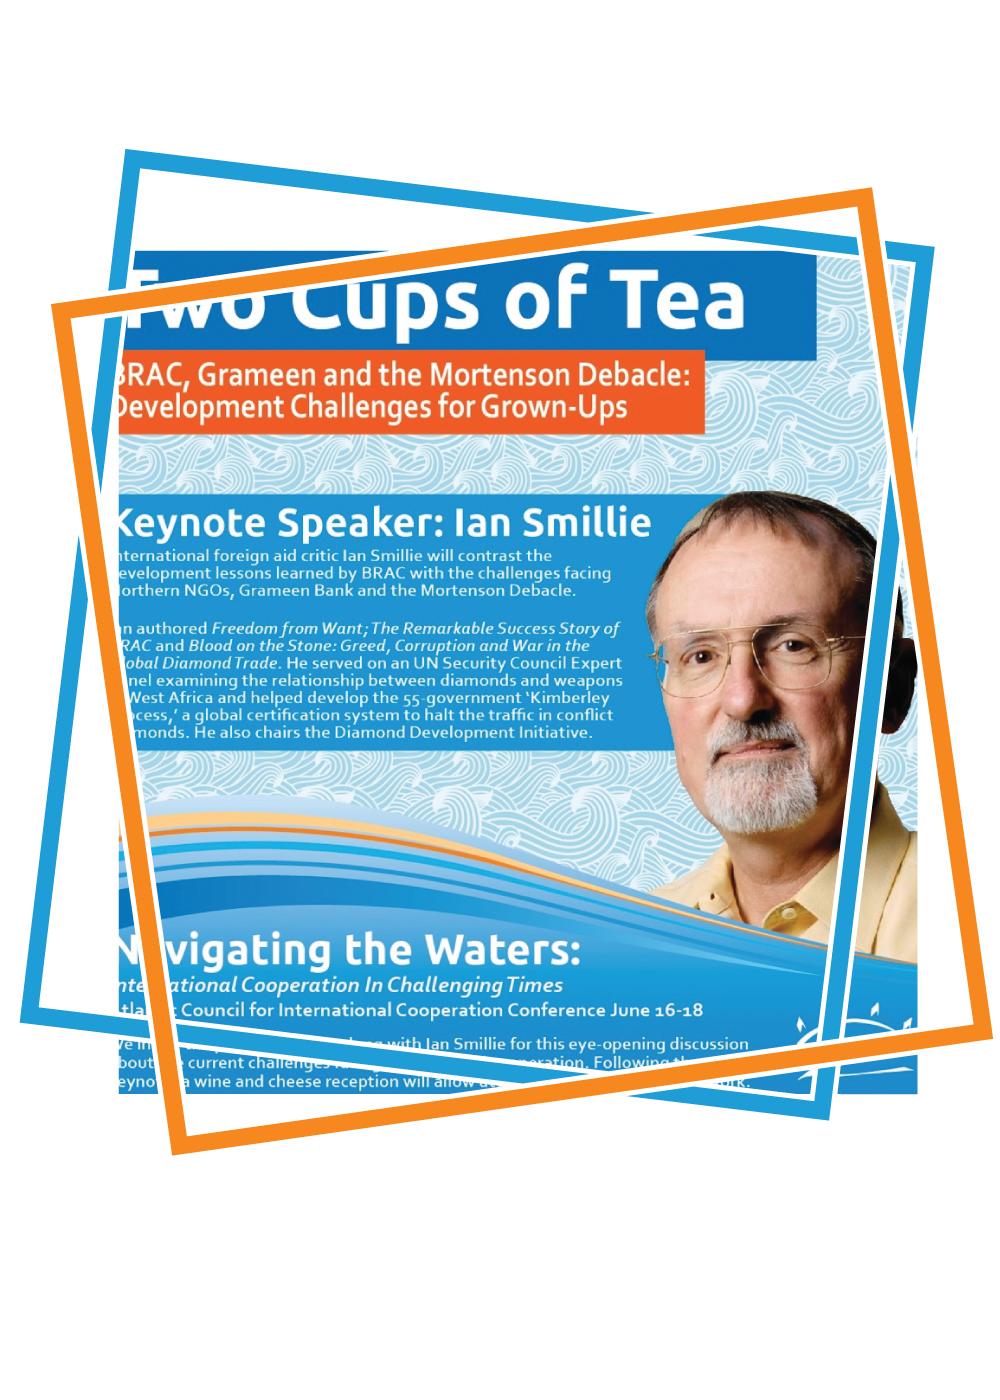 2011 Symposium